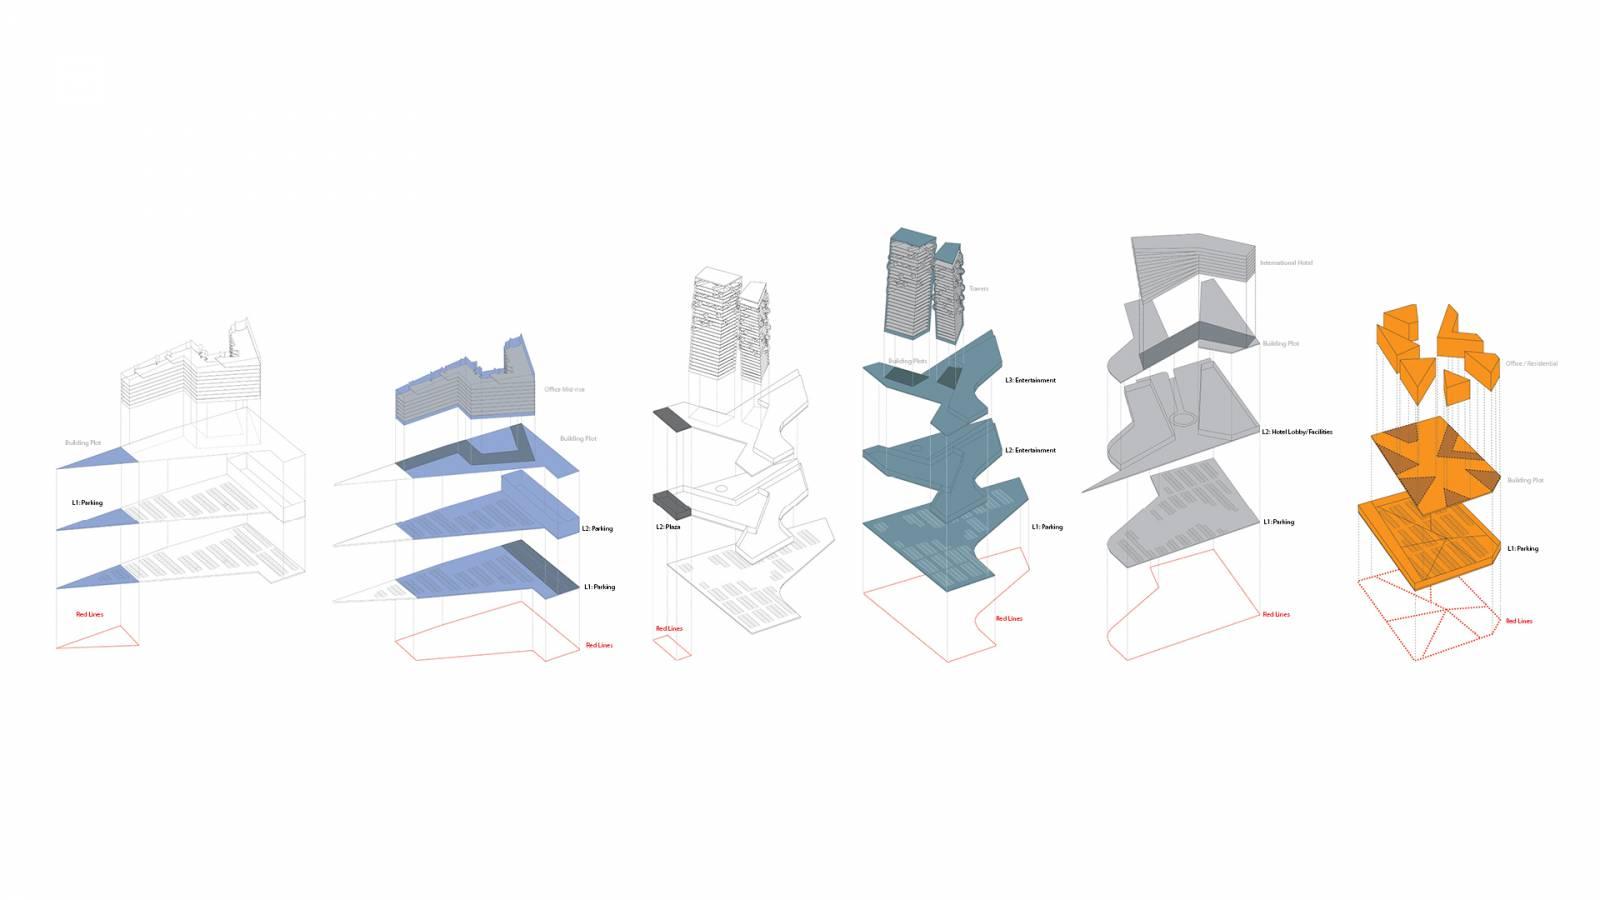 PROPERTY ELEMENTS - Zakusala - SPOL Architects